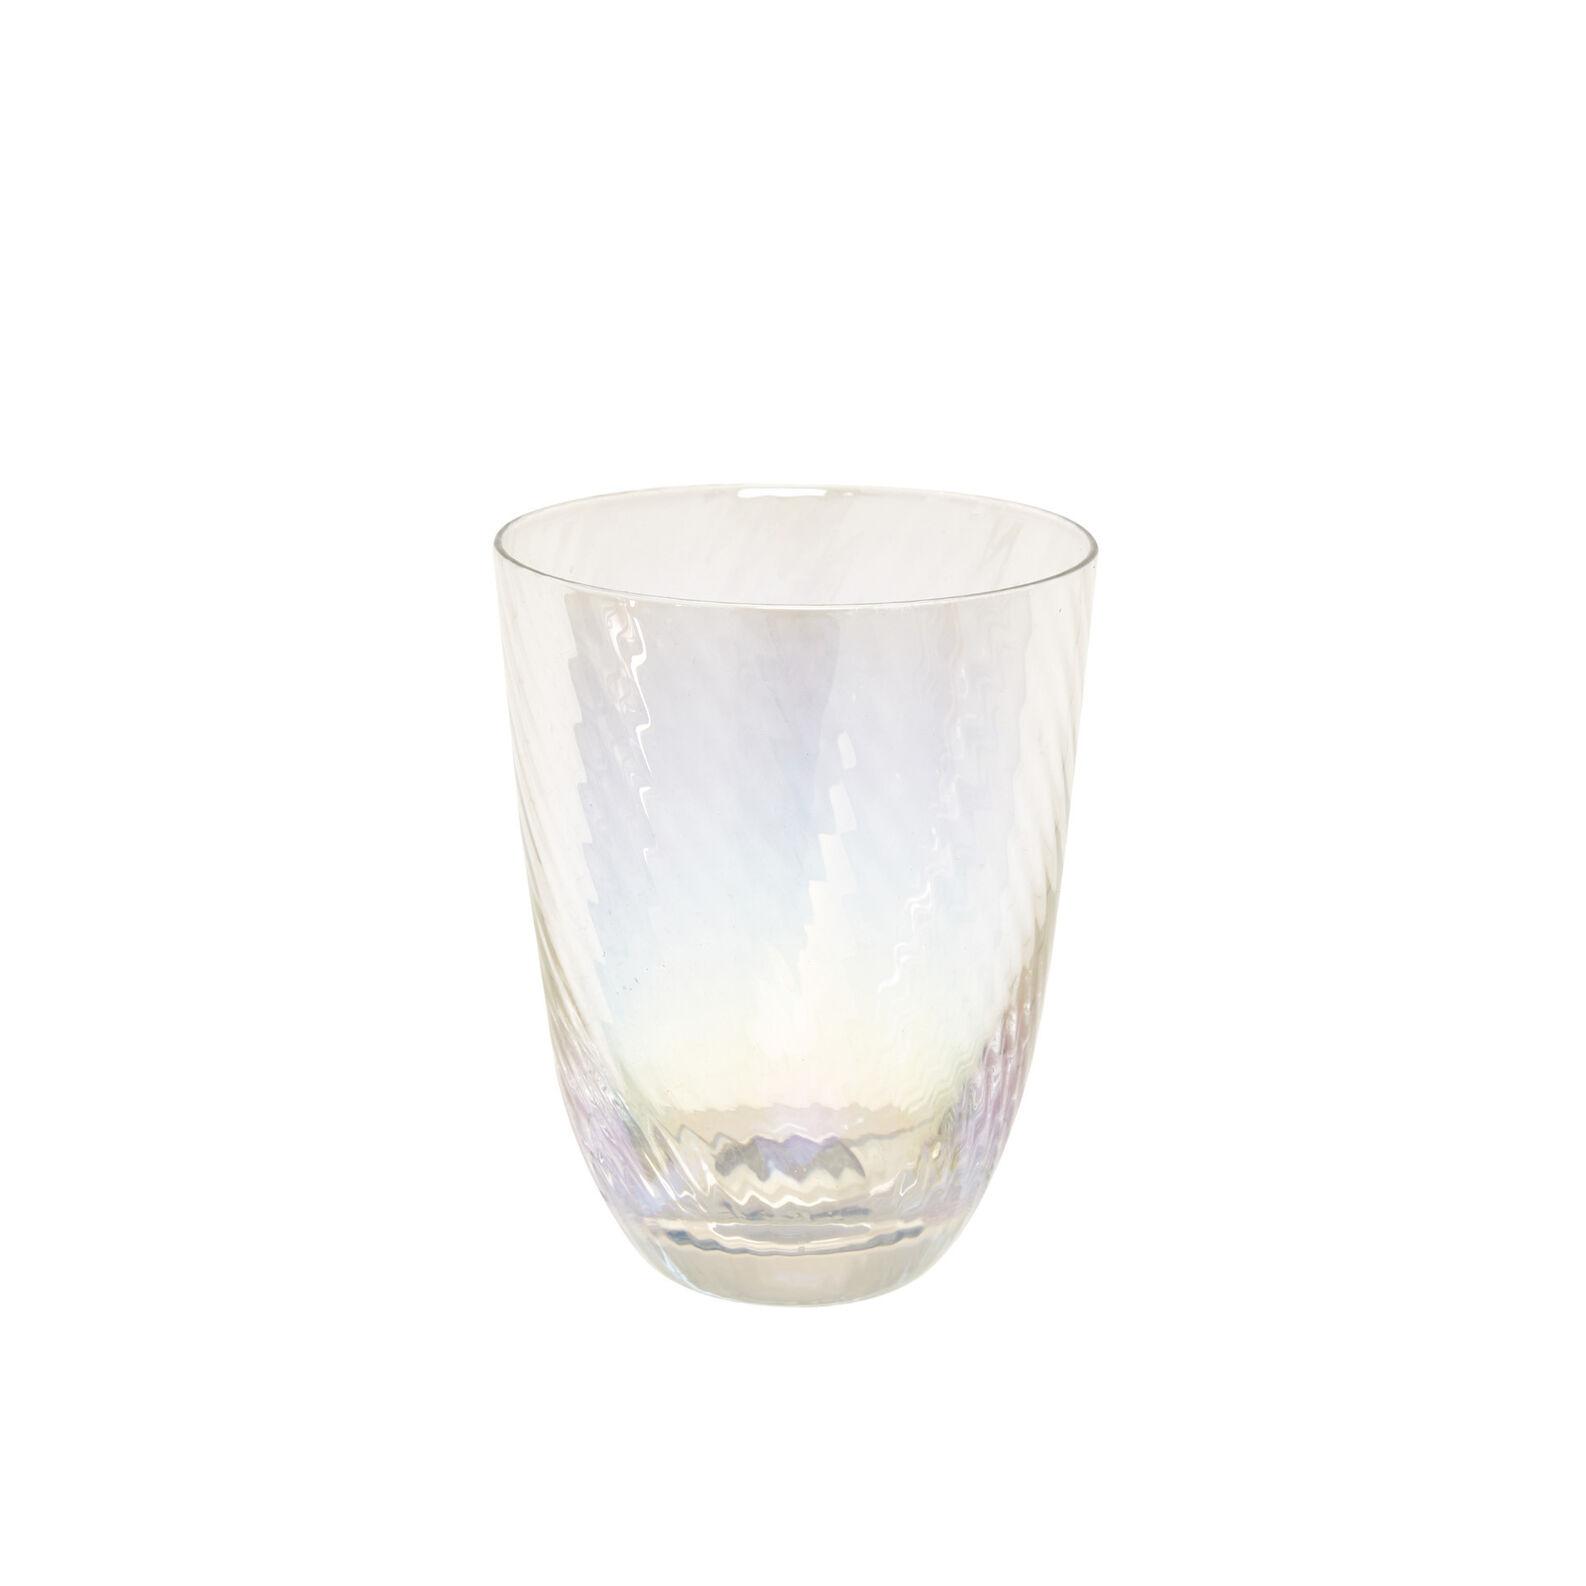 Spirals-effect glass tumbler